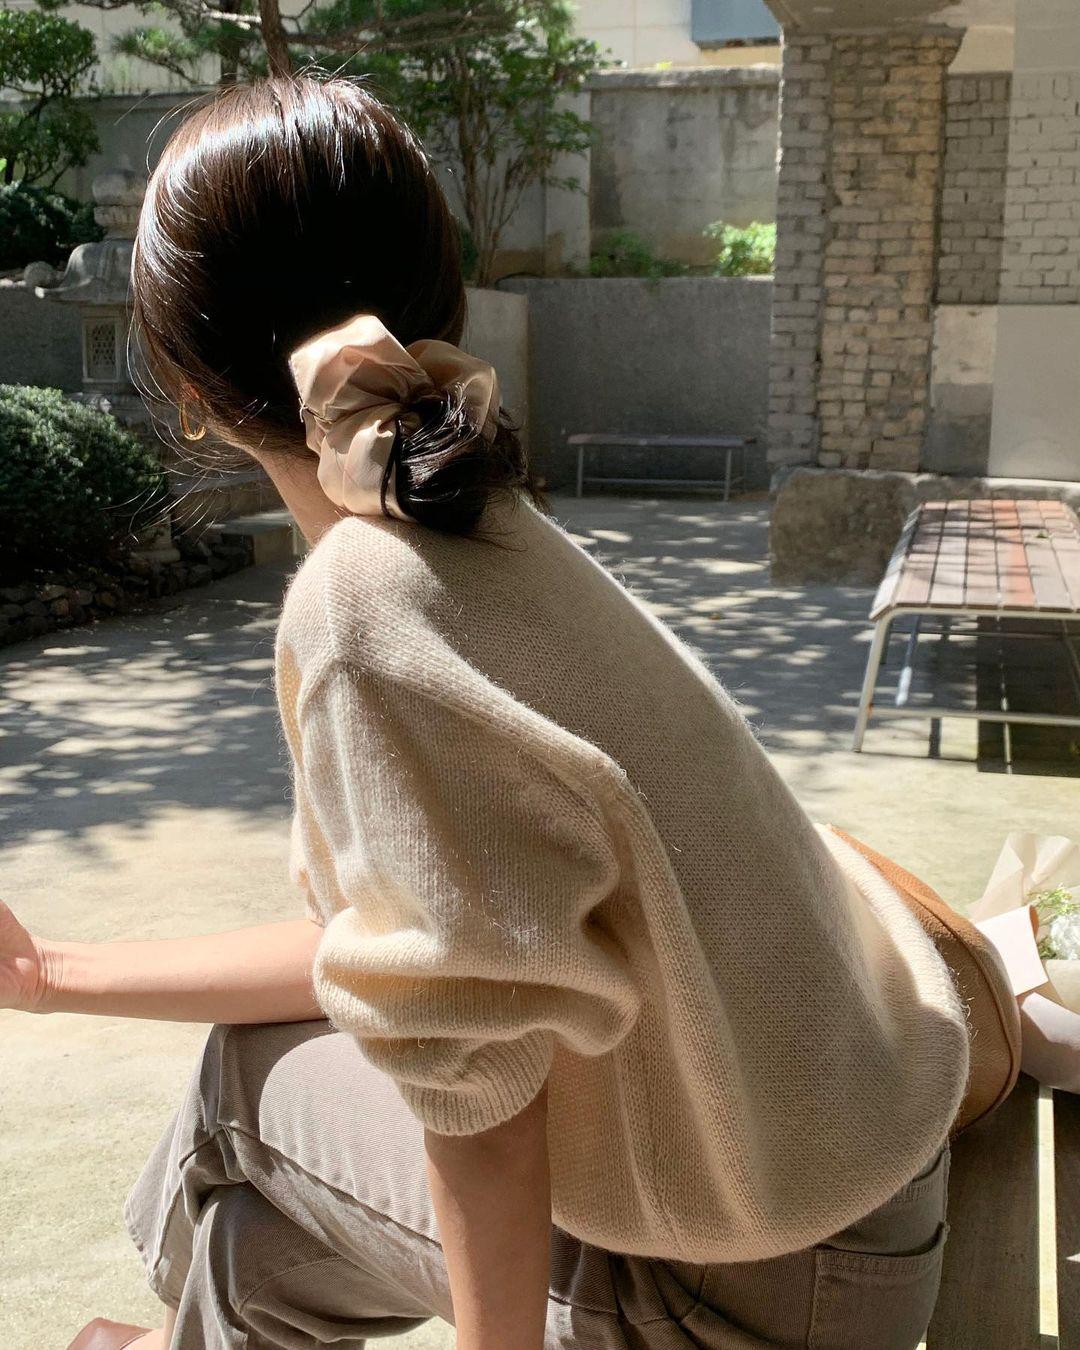 Những nàng sở hữu 4 đặc điểm nhan sắc này thì tốt nhất không nên để tóc xõa 8